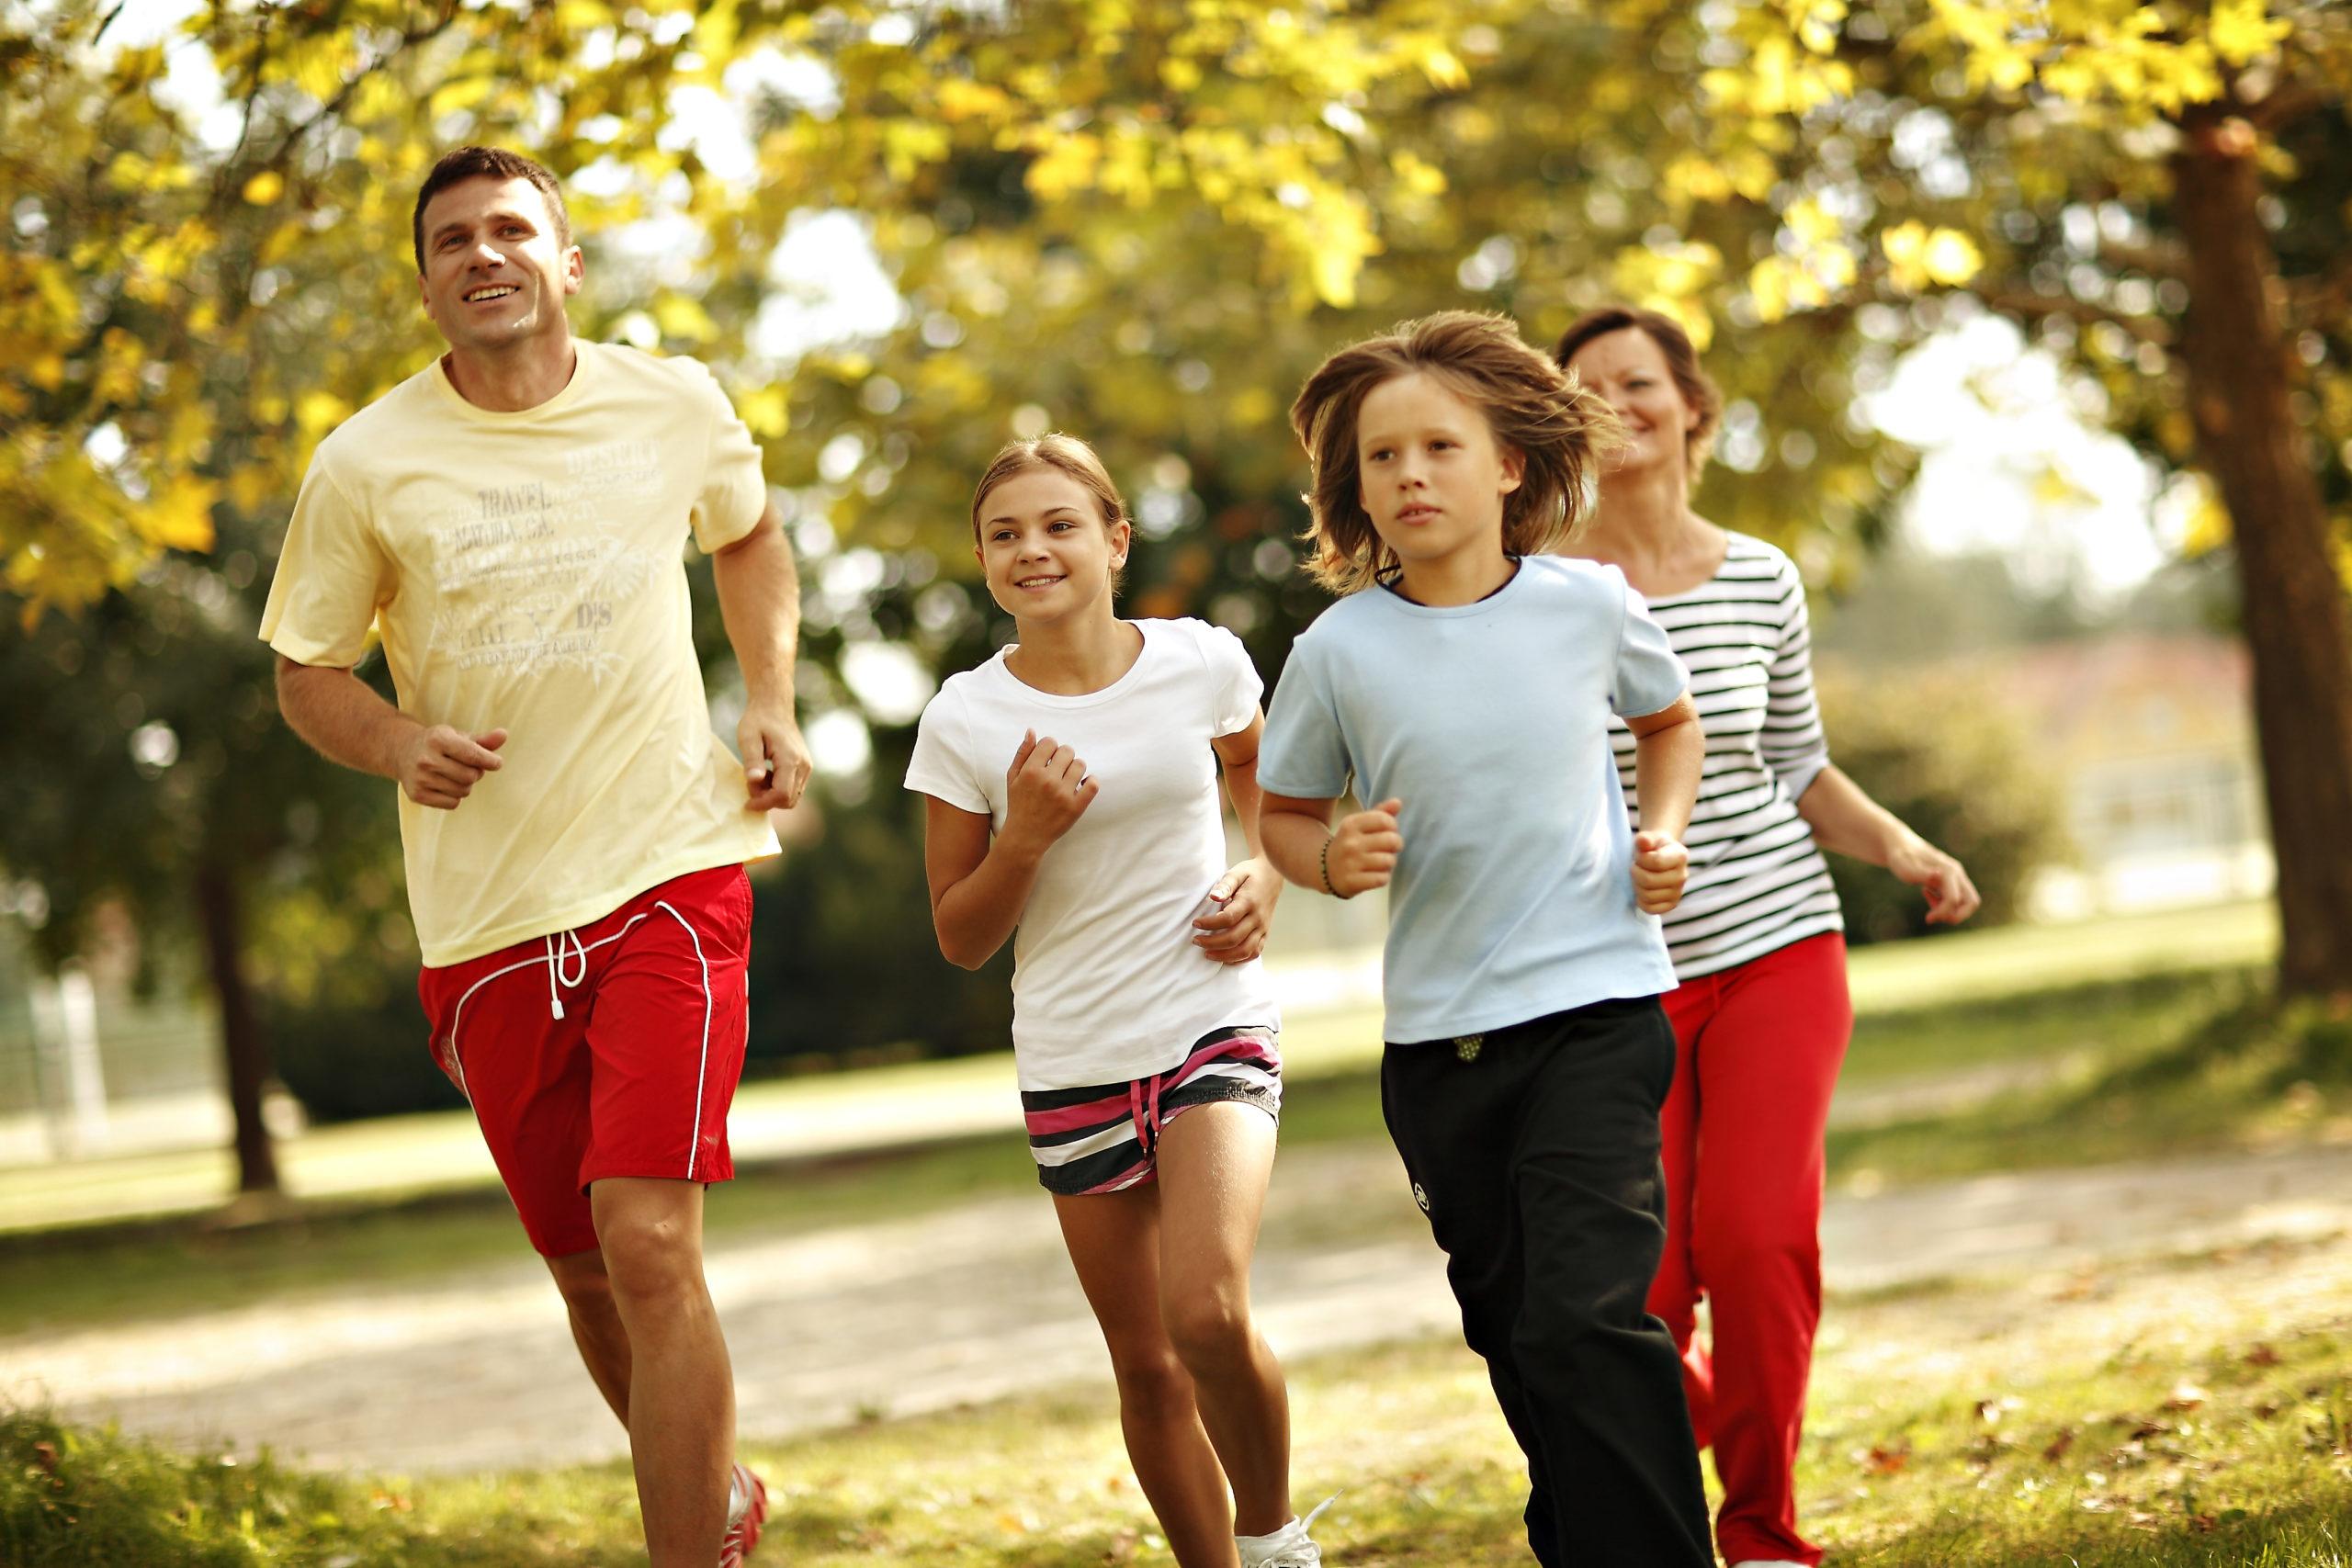 Family jogging_01_T3000_Foto AV_11 09